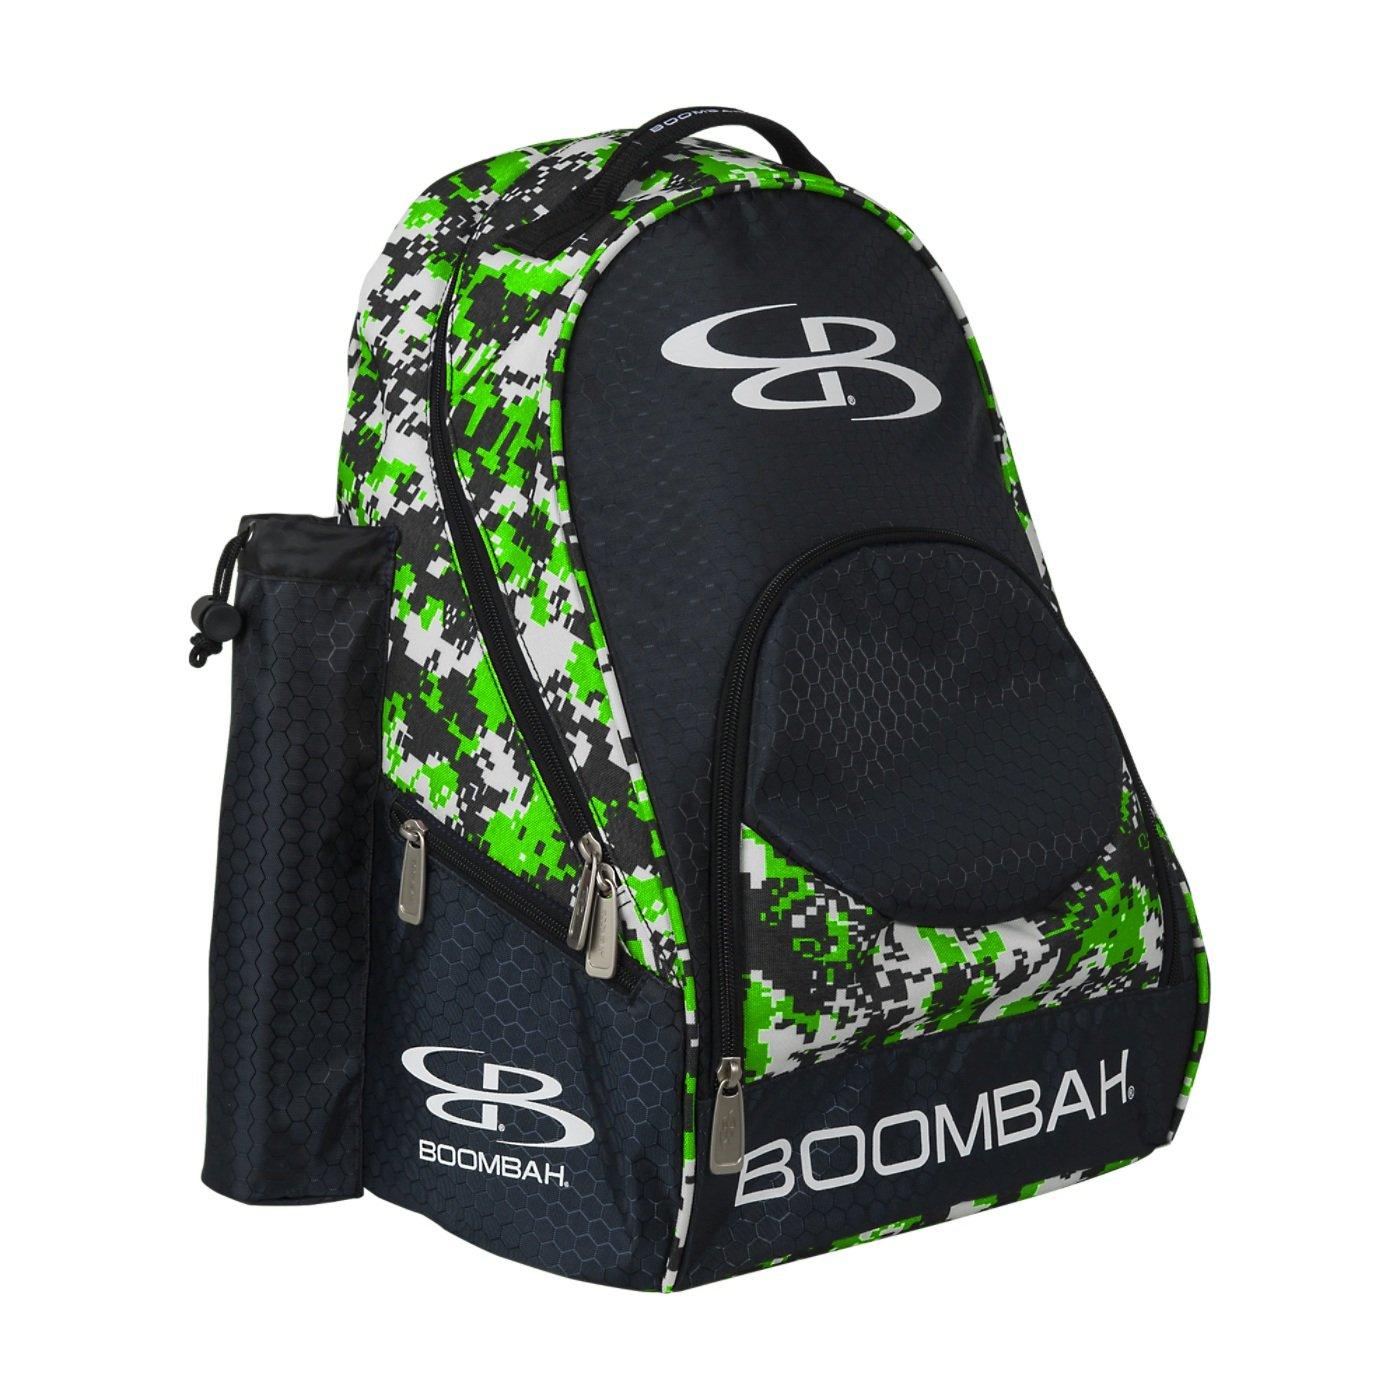 (ブームバー) Boombah Tyroシリーズ 野球/ソフトボールバットが収納できるバックパック 20x 15x10インチ 迷彩柄 20色展開 2-3/4インチまでのバットを2本収納可 B01NACUFVJ ブラック/ライムグリーン ブラック/ライムグリーン